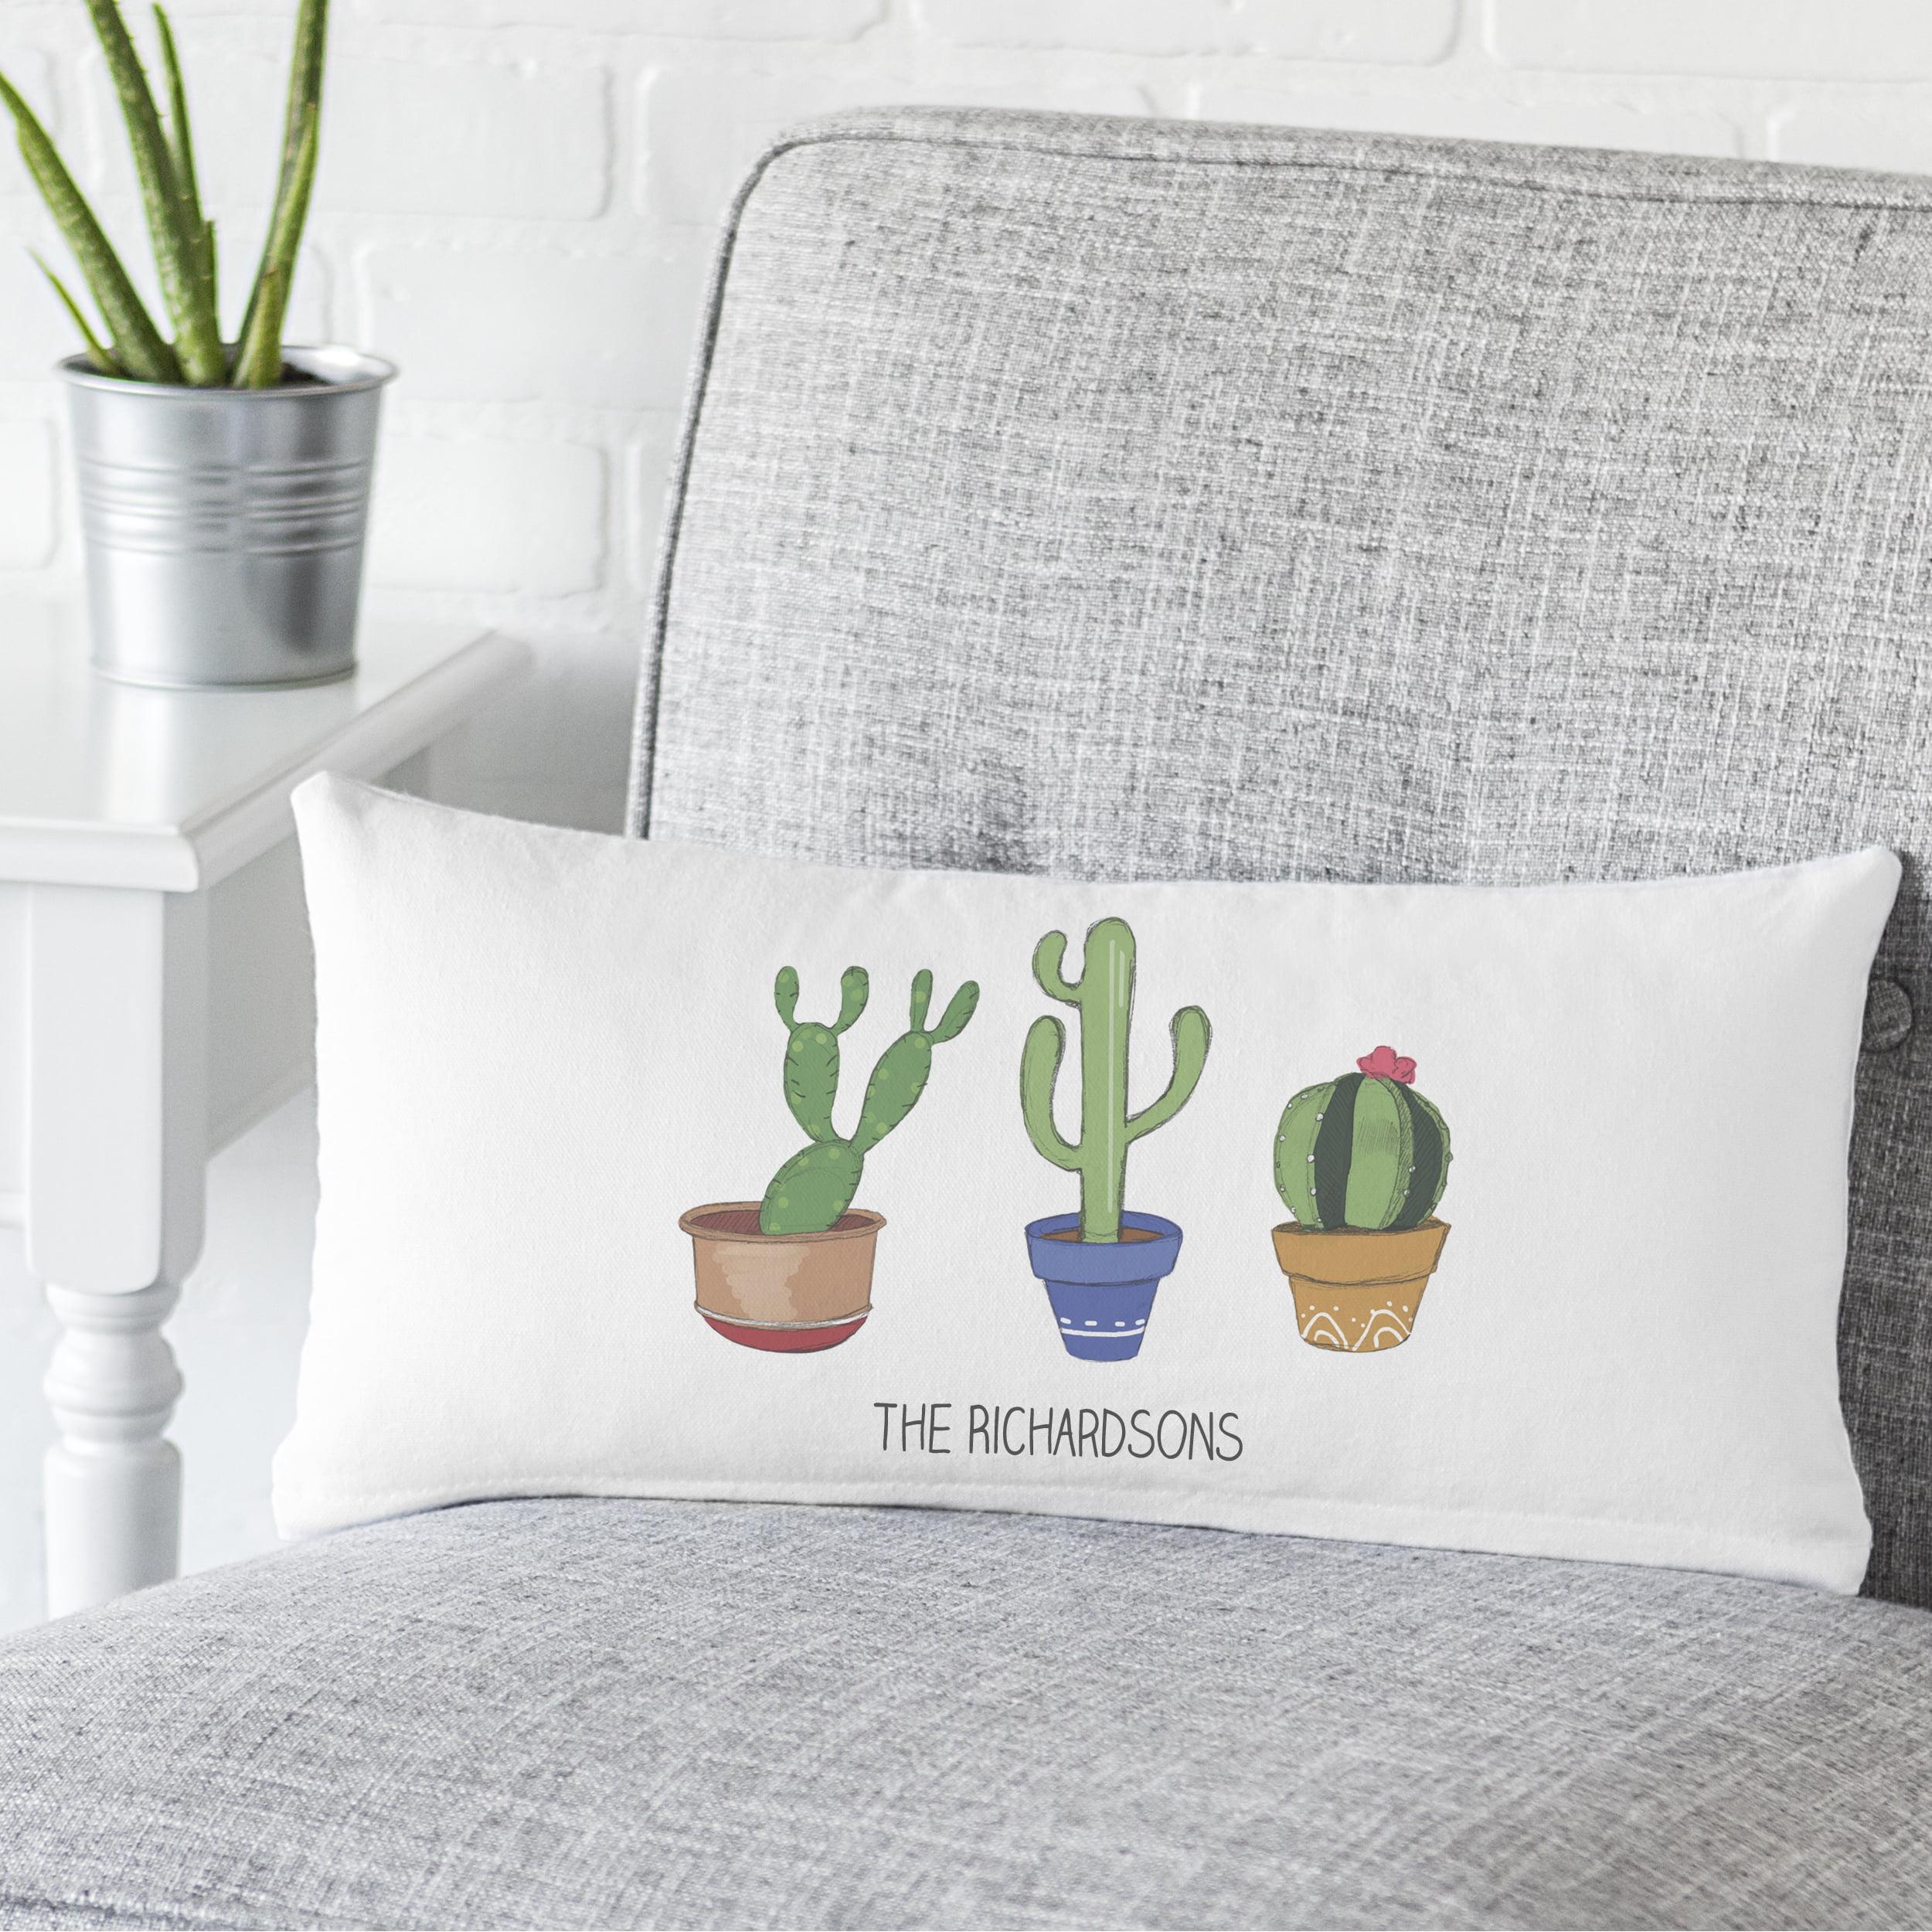 Personalized Cactus Lumbar Pillow